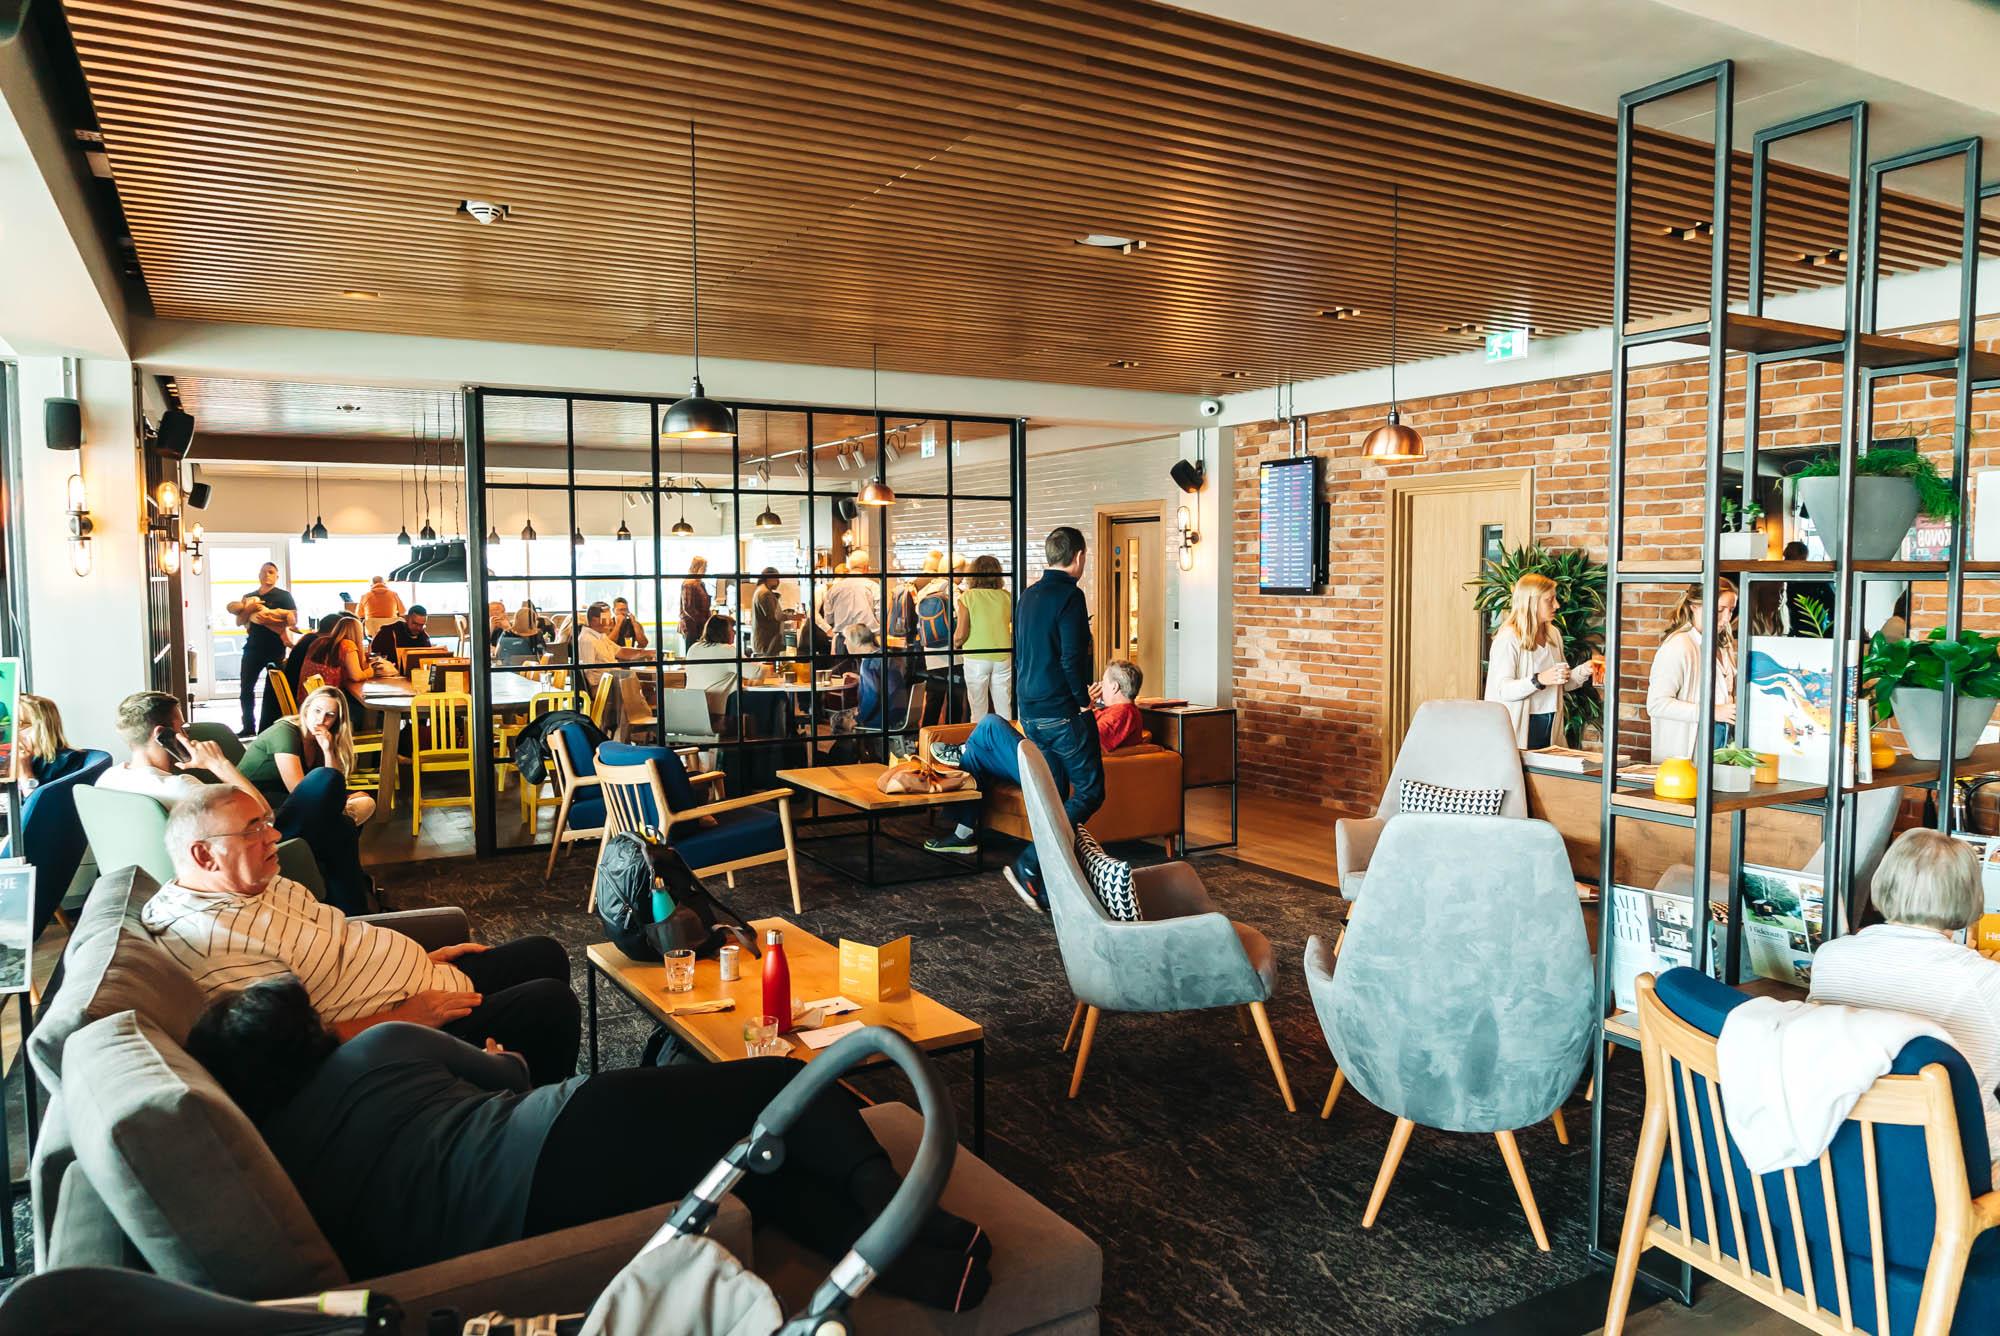 modern decor at Gatwick's lounge